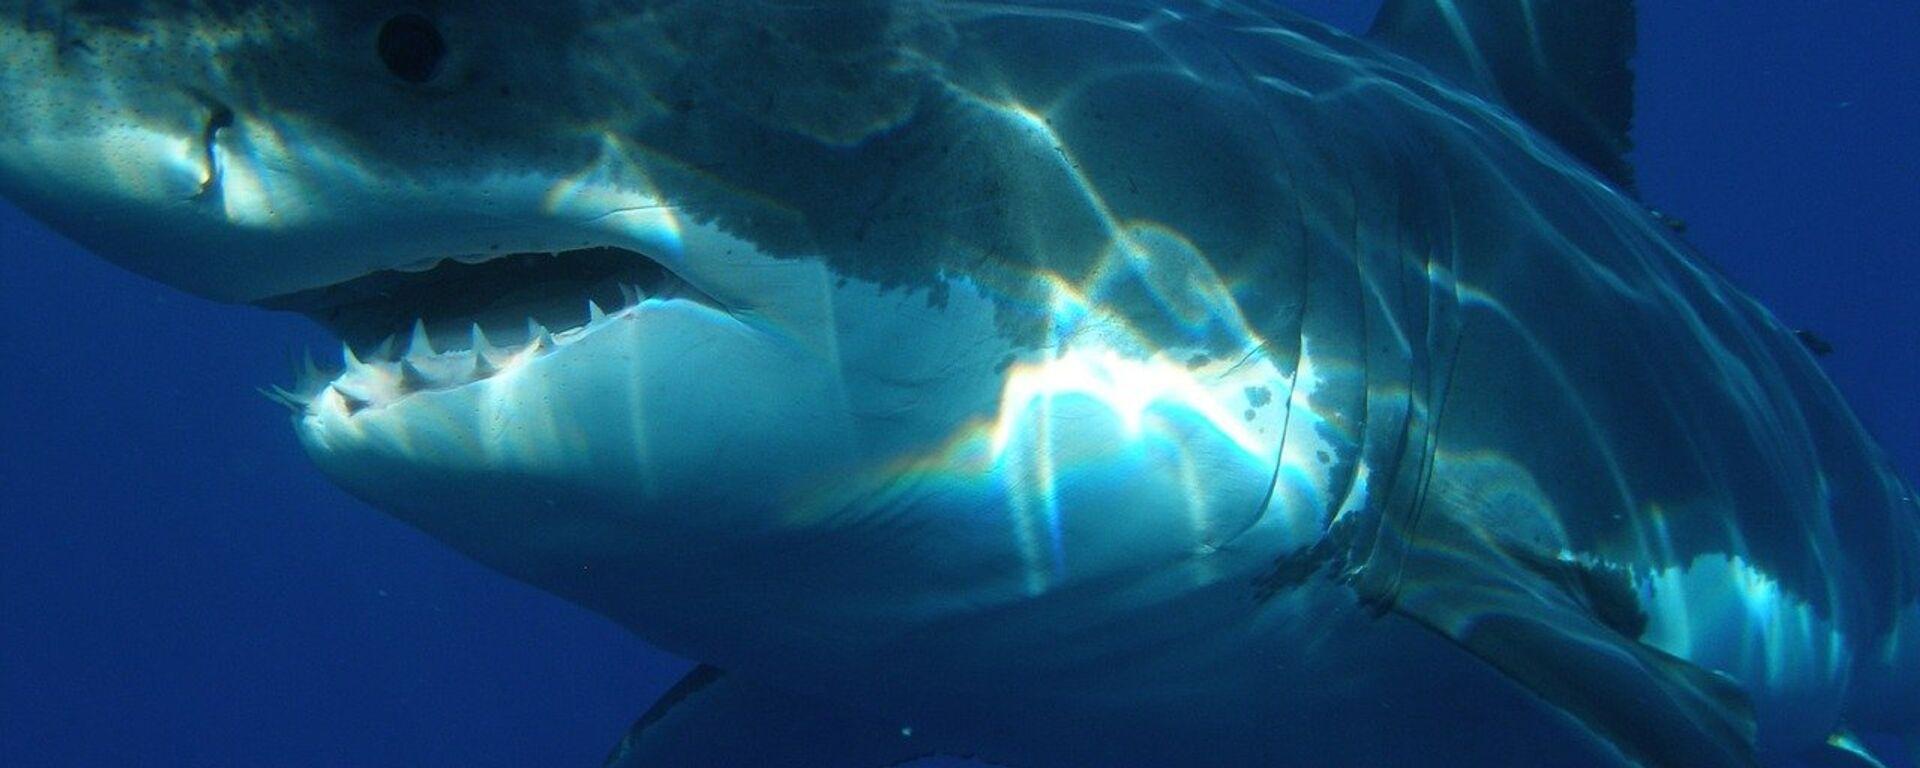 uno squalo bianco - Sputnik Italia, 1920, 24.07.2021